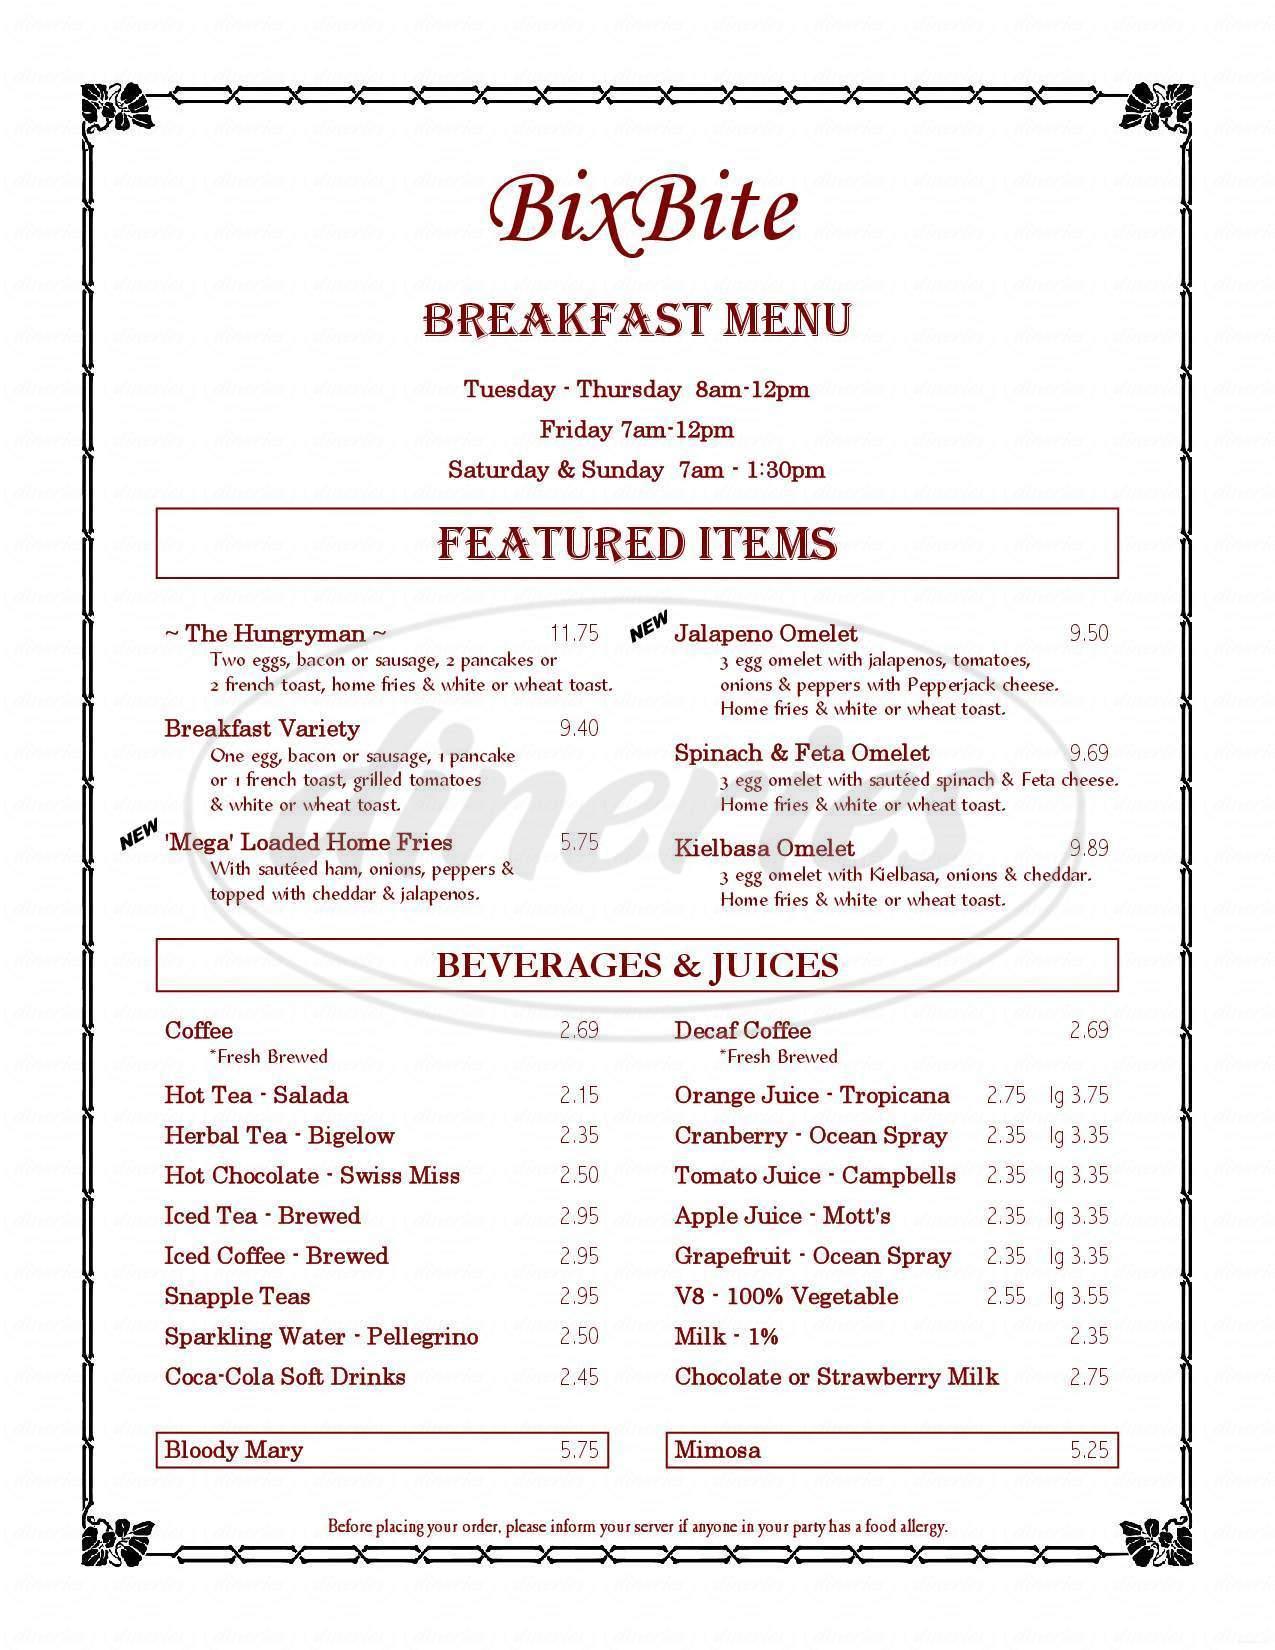 menu for BixBite